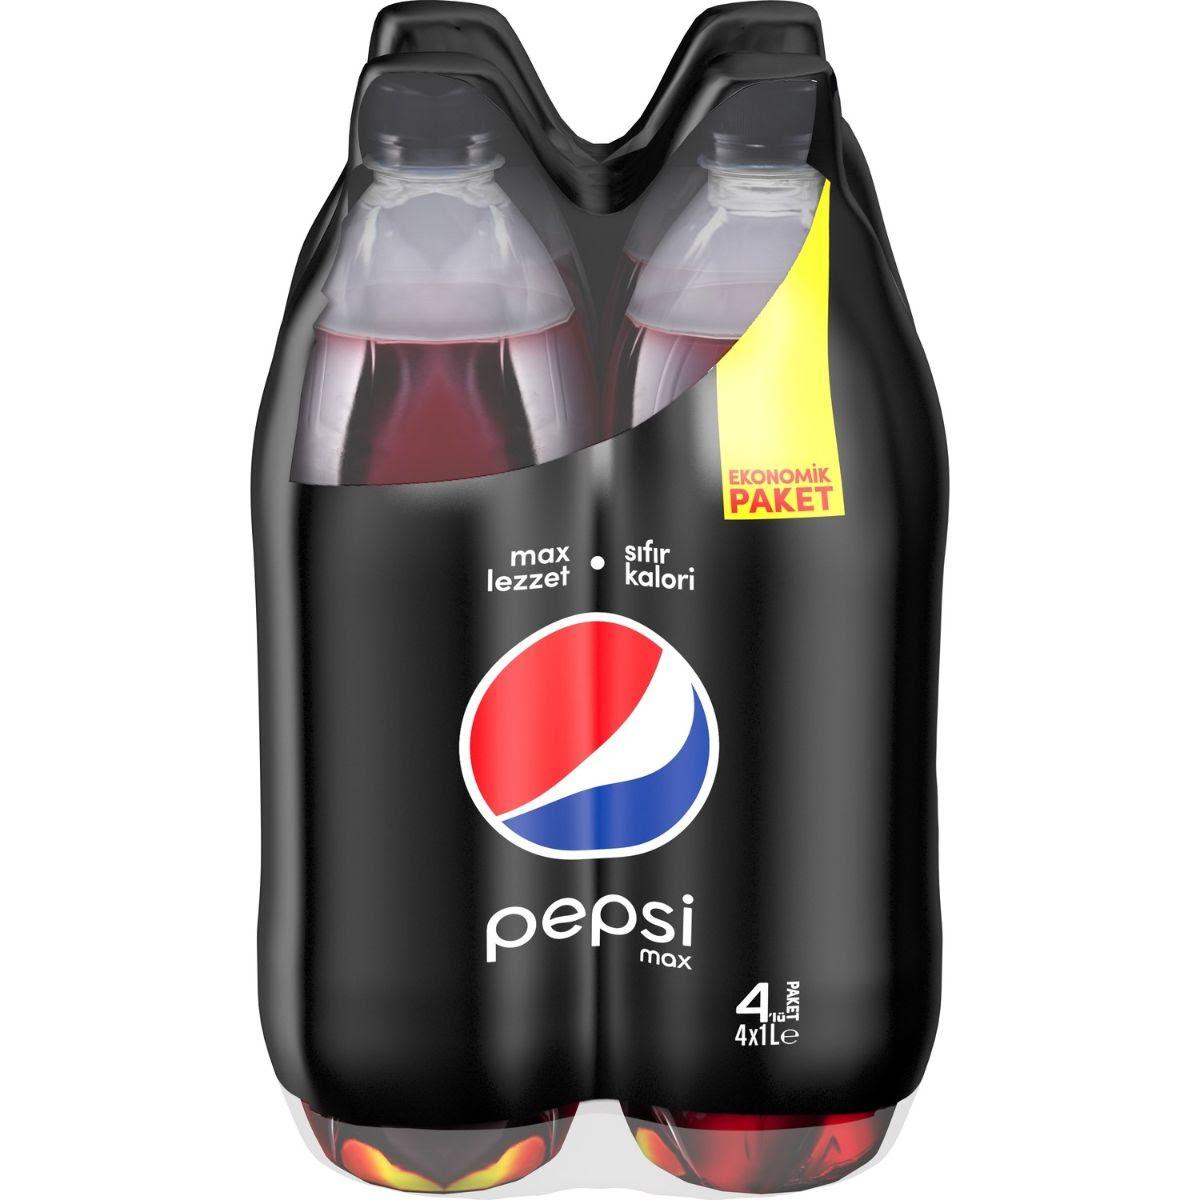 Pepsi Cola 4 x 1L Max